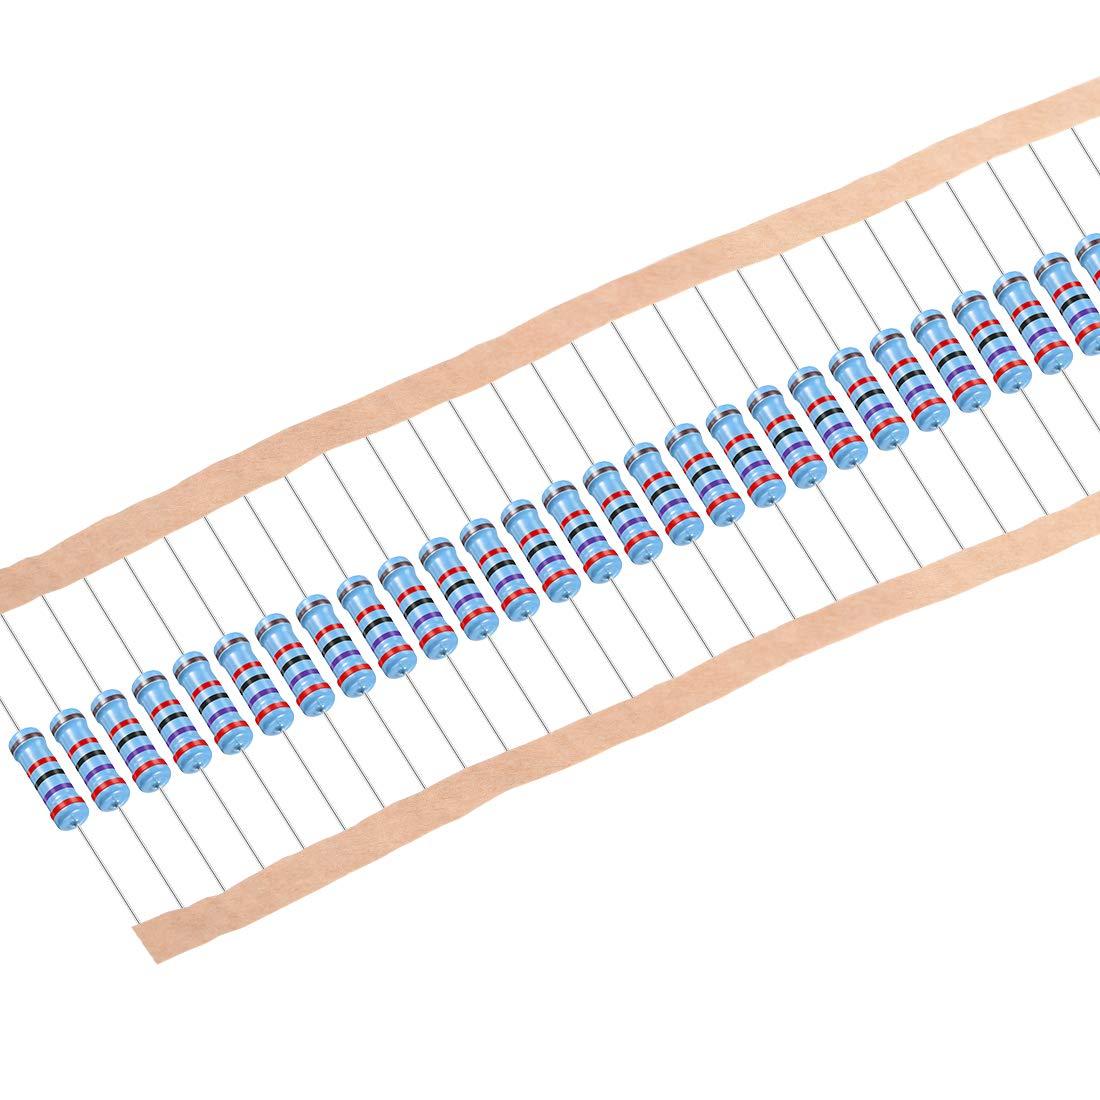 uxcell Tulsa Mall 30Pcs 27K Ohm Resistor 2W Film Tolerance depot Metal 1% Resist